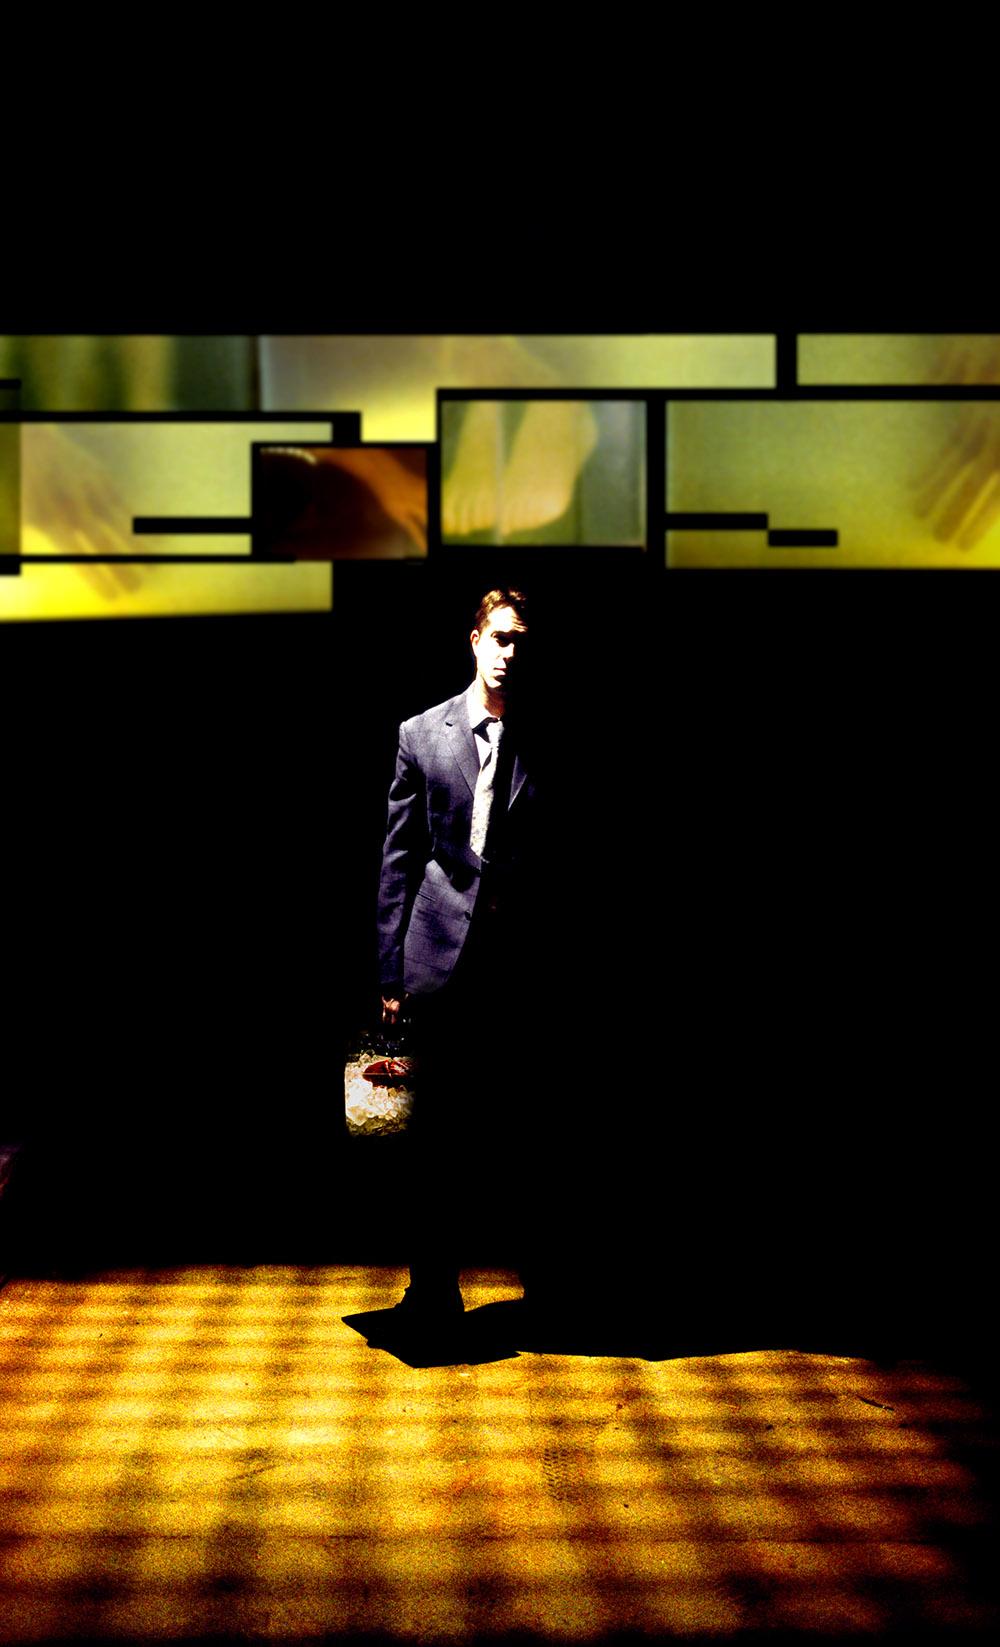 regeneration-07.jpg